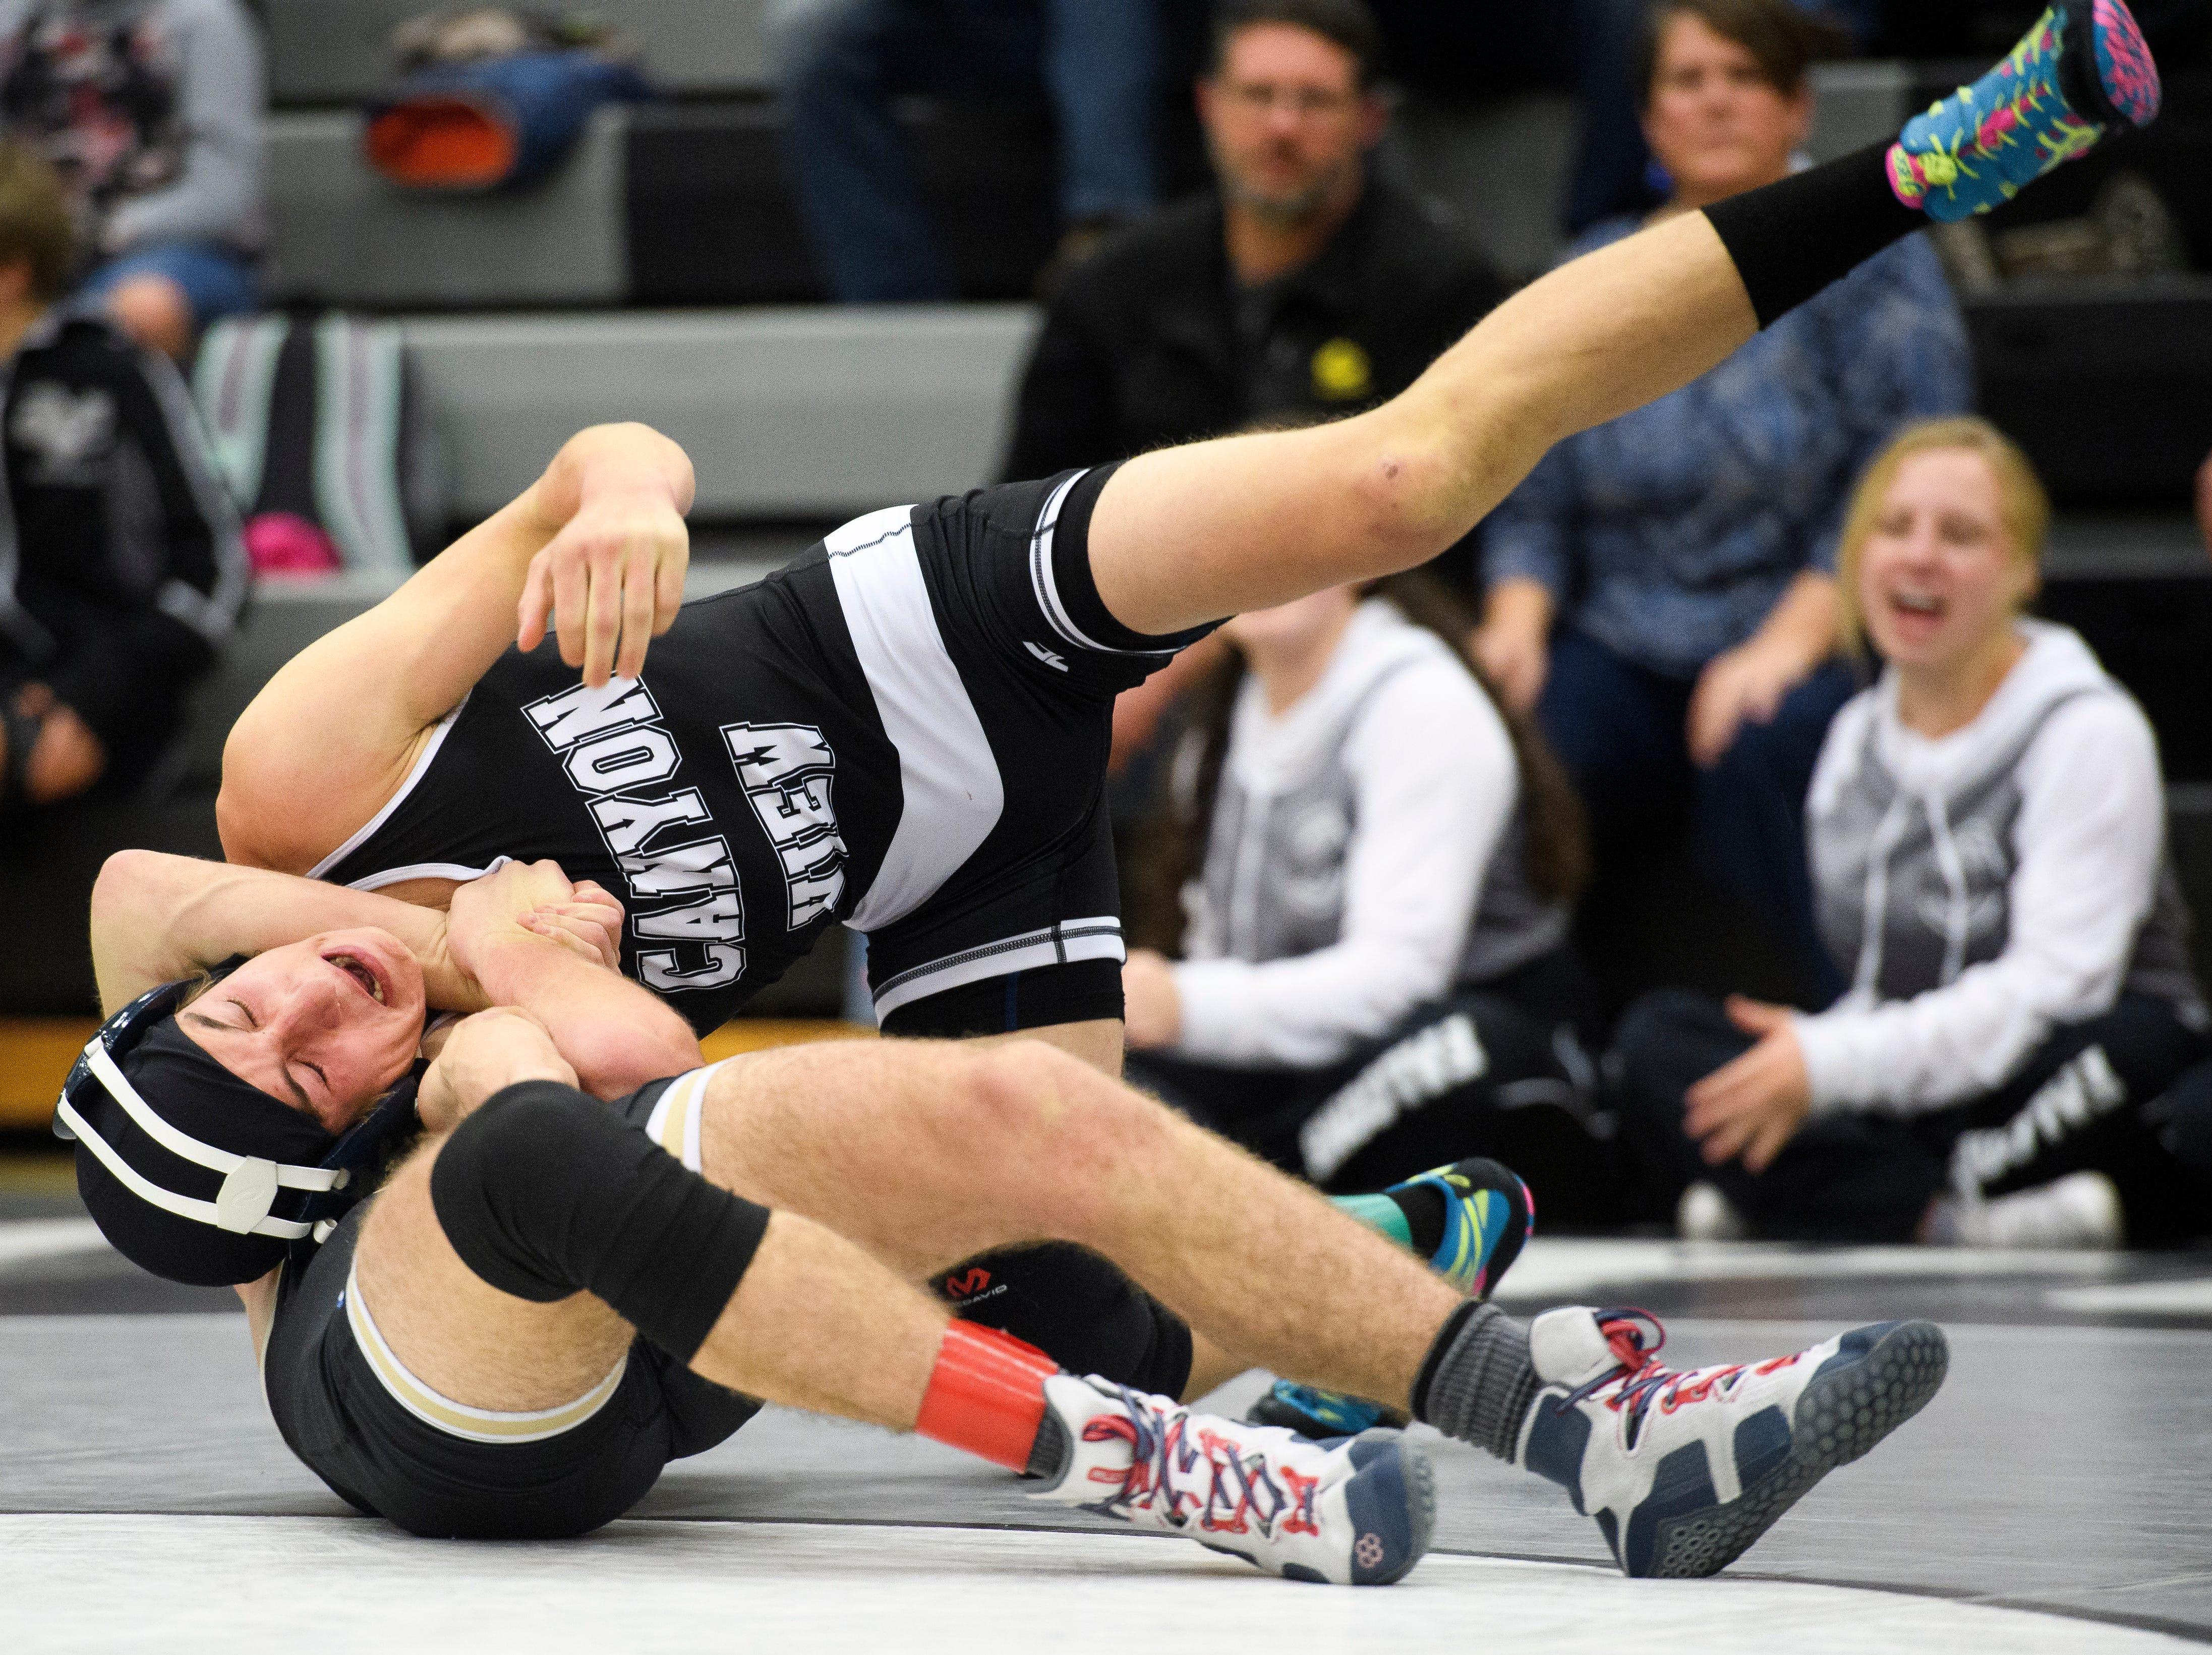 Desert Hills High School wrestler Brody Finlinson flips Canyon View's Garrett Barney at CVHS Thursday, December 6, 2018. The Falcons won, 51-25.